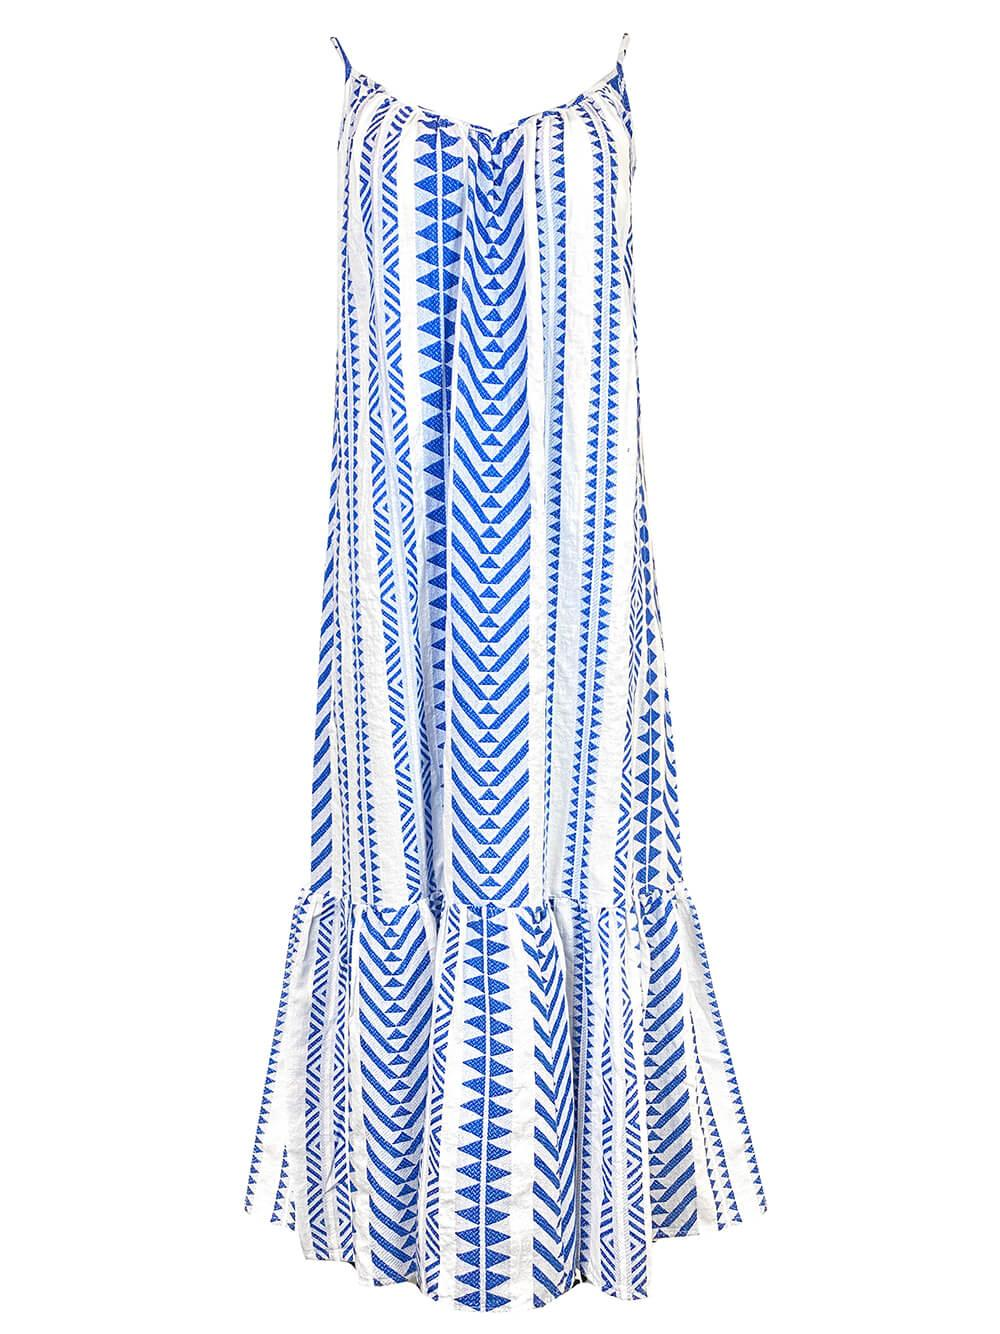 Dinae Jacquard Tiered Dress Item # DINAE04